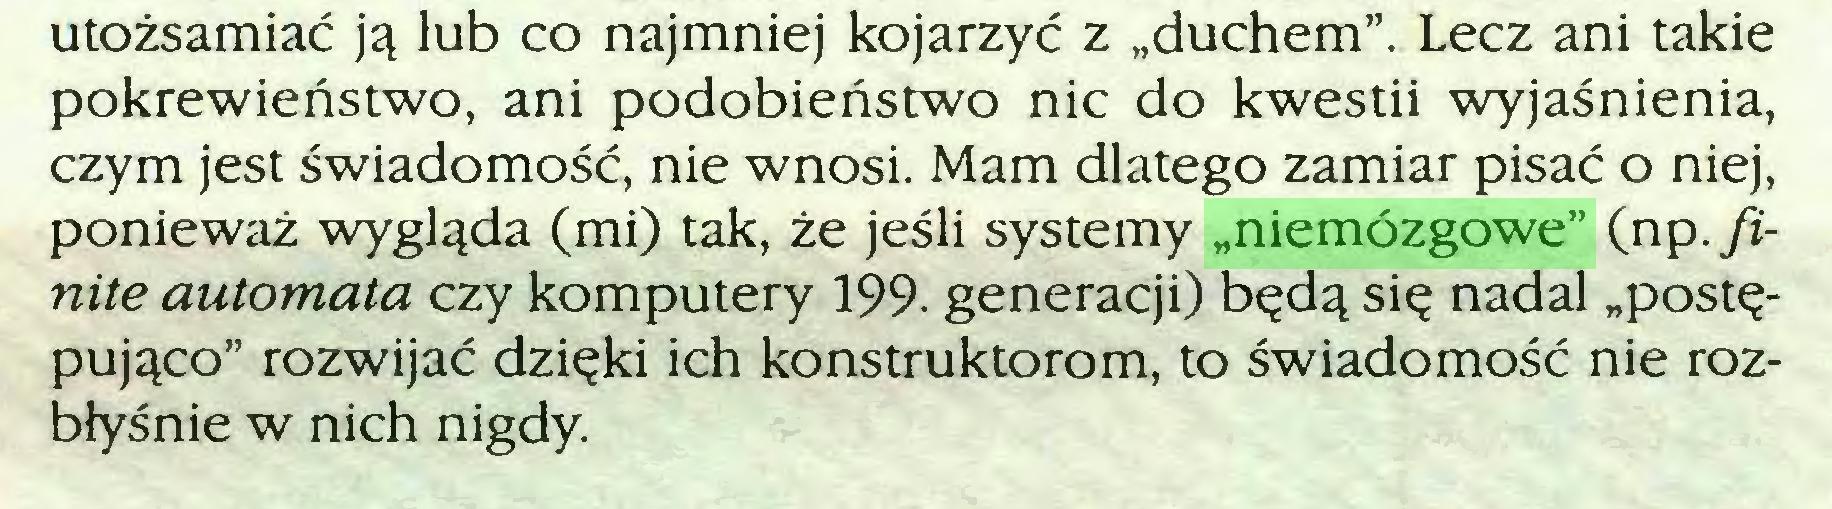 """(...) utożsamiać ją lub co najmniej kojarzyć z """"duchem"""". Lecz ani takie pokrewieństwo, ani podobieństwo nic do kwestii wyjaśnienia, czym jest świadomość, nie wnosi. Mam dlatego zamiar pisać o niej, ponieważ wygląda (mi) tak, że jeśli systemy """"niemózgowe"""" (np. finite automata czy komputery 199. generacji) będą się nadal """"postępująco"""" rozwijać dzięki ich konstruktorom, to świadomość nie rozbłyśnie w nich nigdy..."""